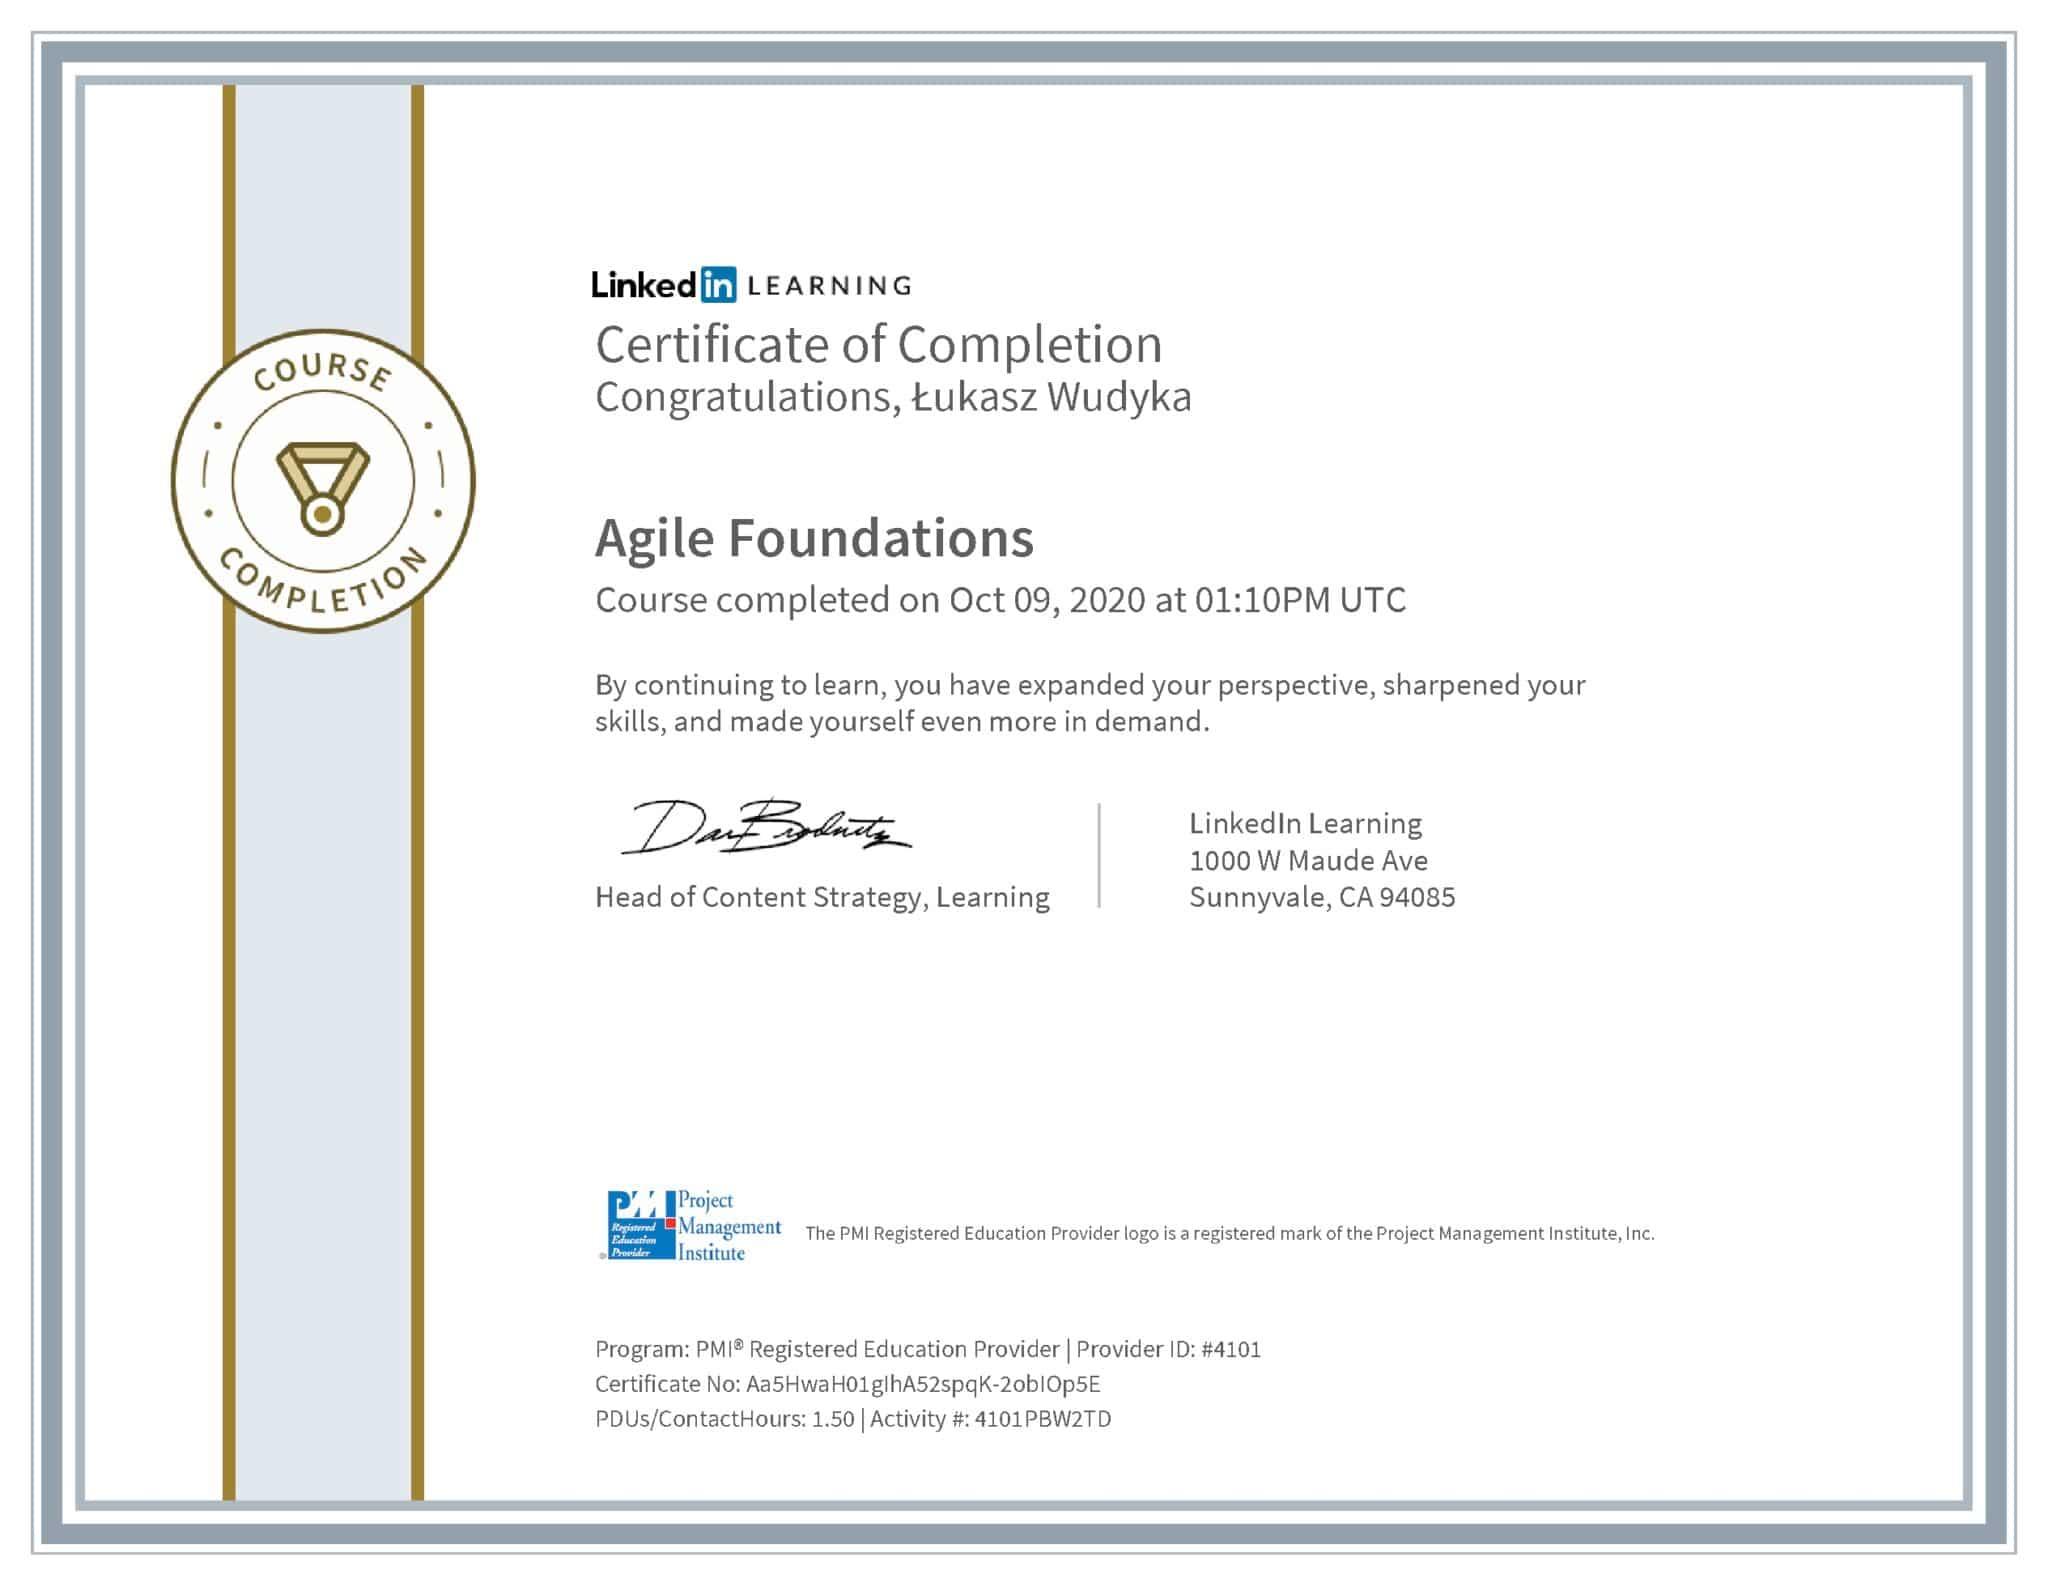 Łukasz Wudyka certyfikat LinkedIn Agile Foundations PMI